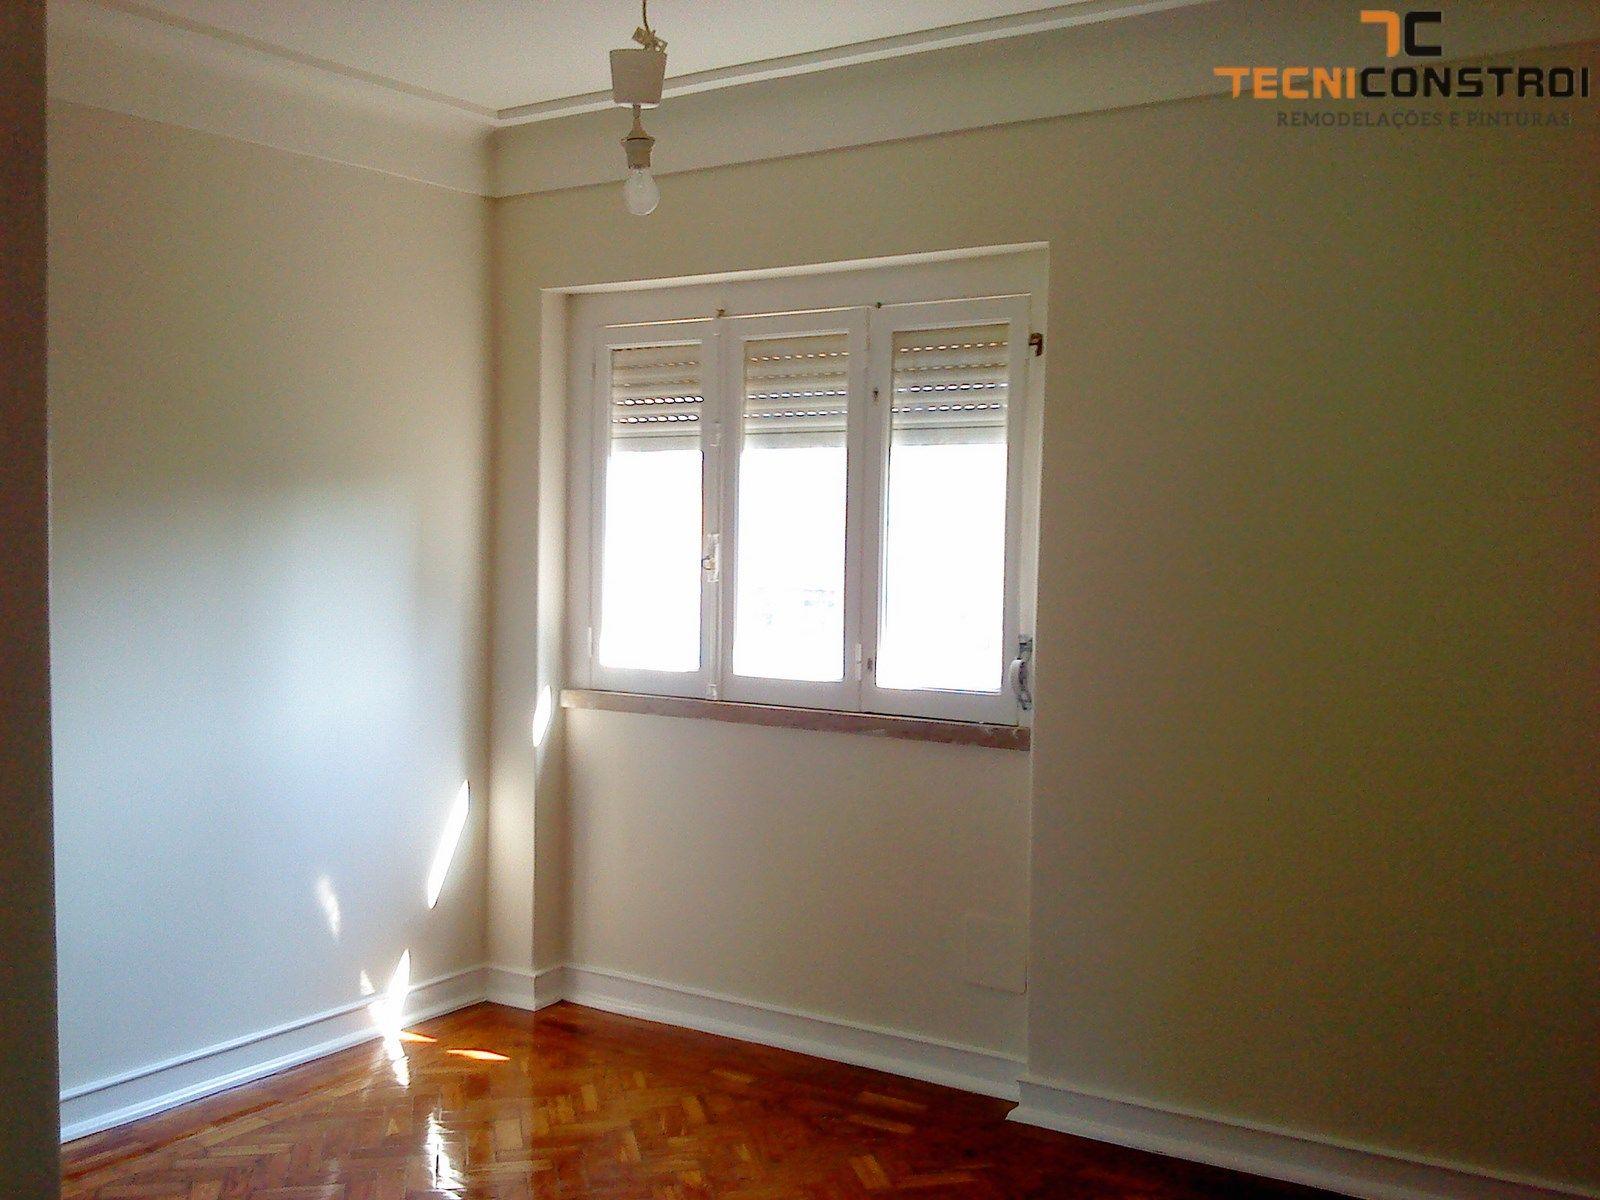 Pintura interiores trendy color pintura dormitorio for Pintura interior turquesa